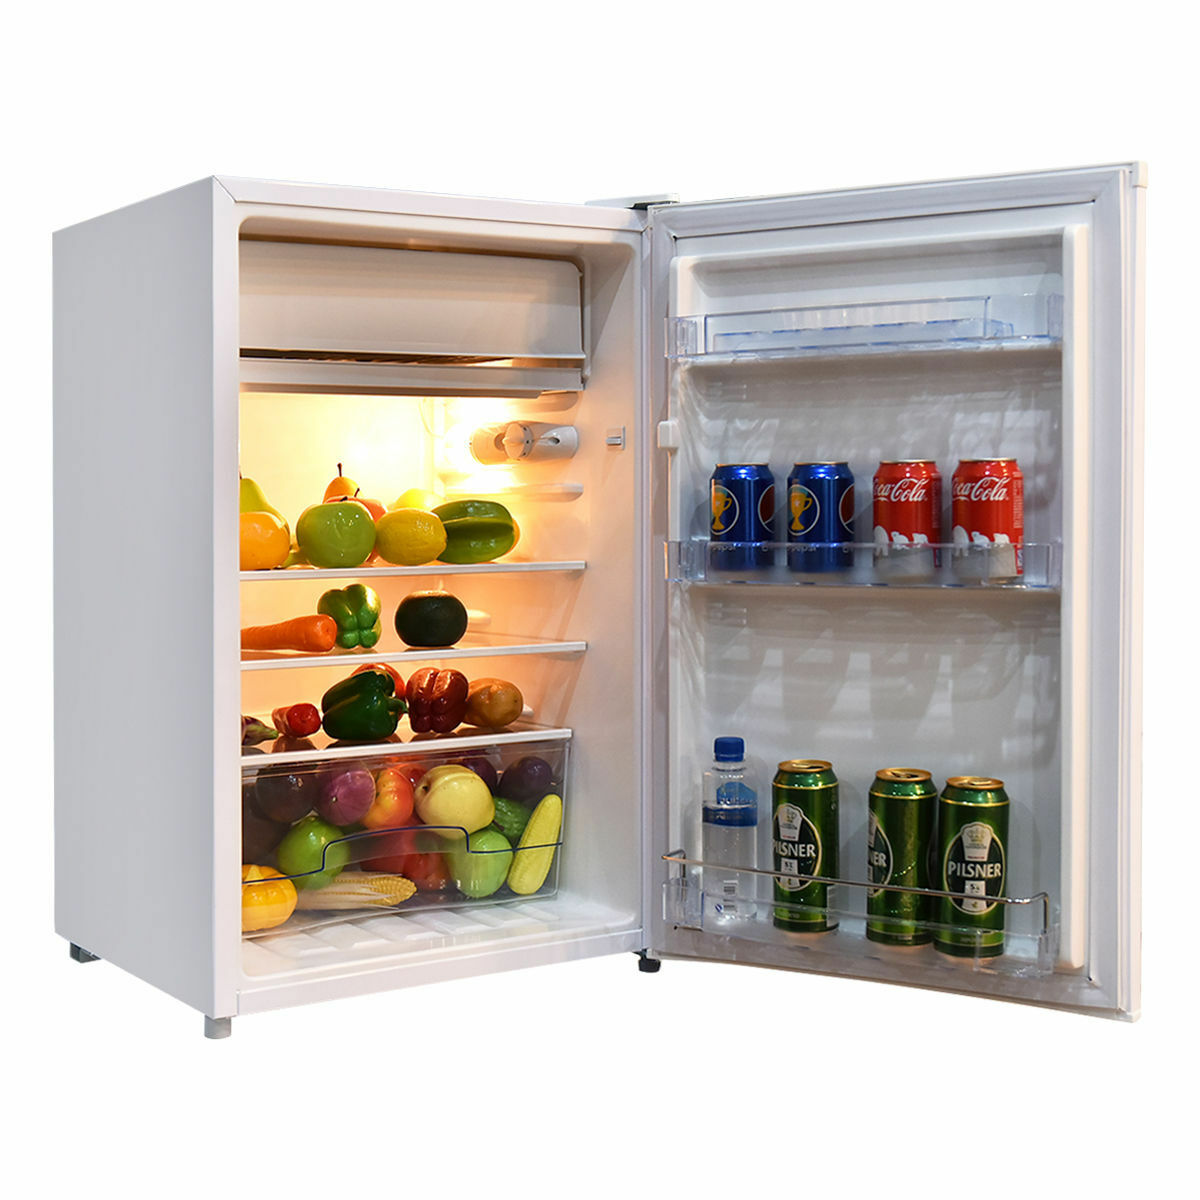 Costway EP22771 Kühlschrank mit Gefrierfach - 123 l, Weiß | eBay